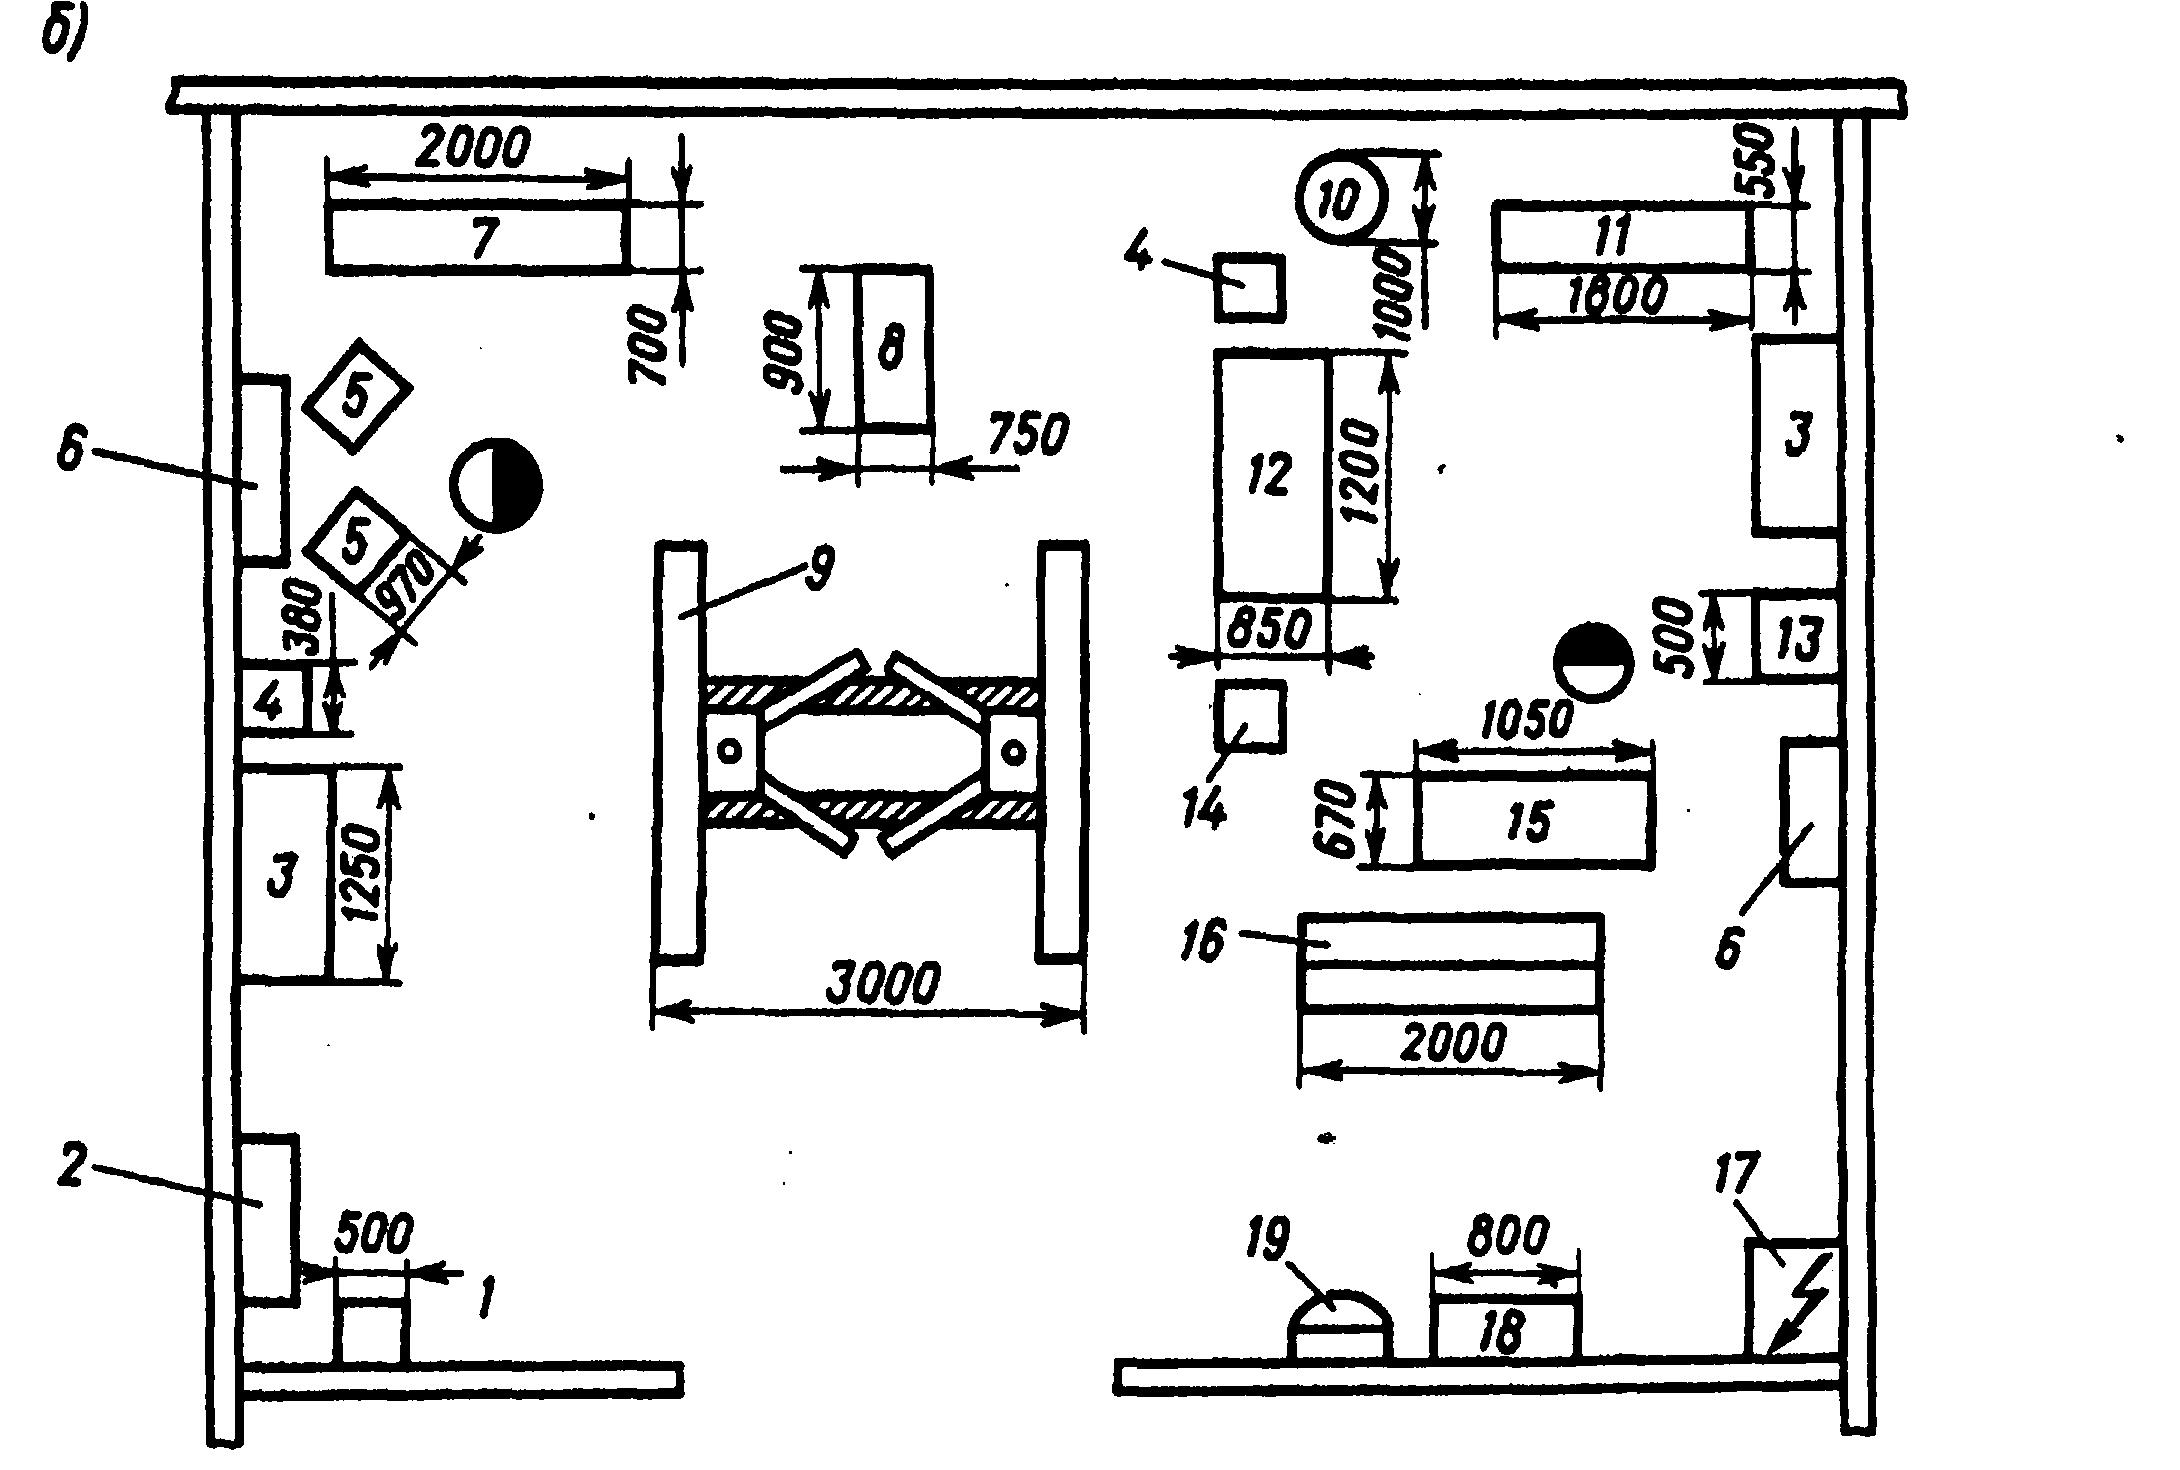 Шиномонтаж схема размещения оборудования